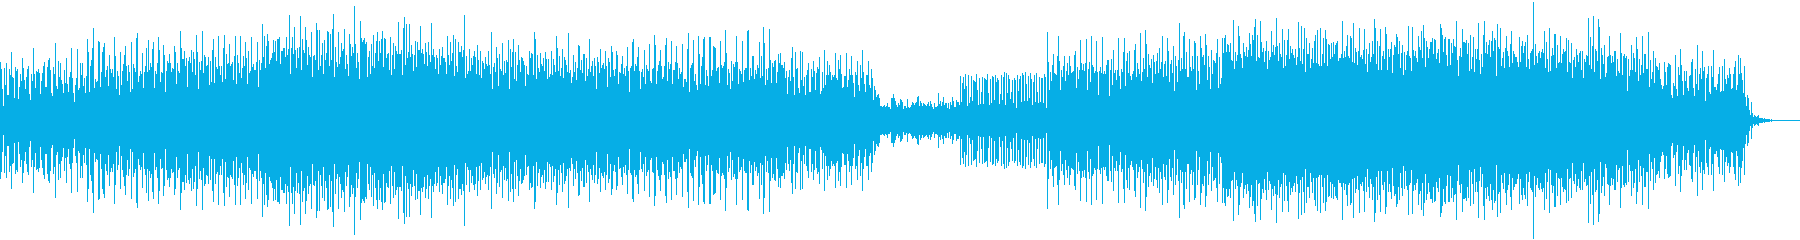 【圧倒される勢い】印象的なダークテクノの再生済みの波形